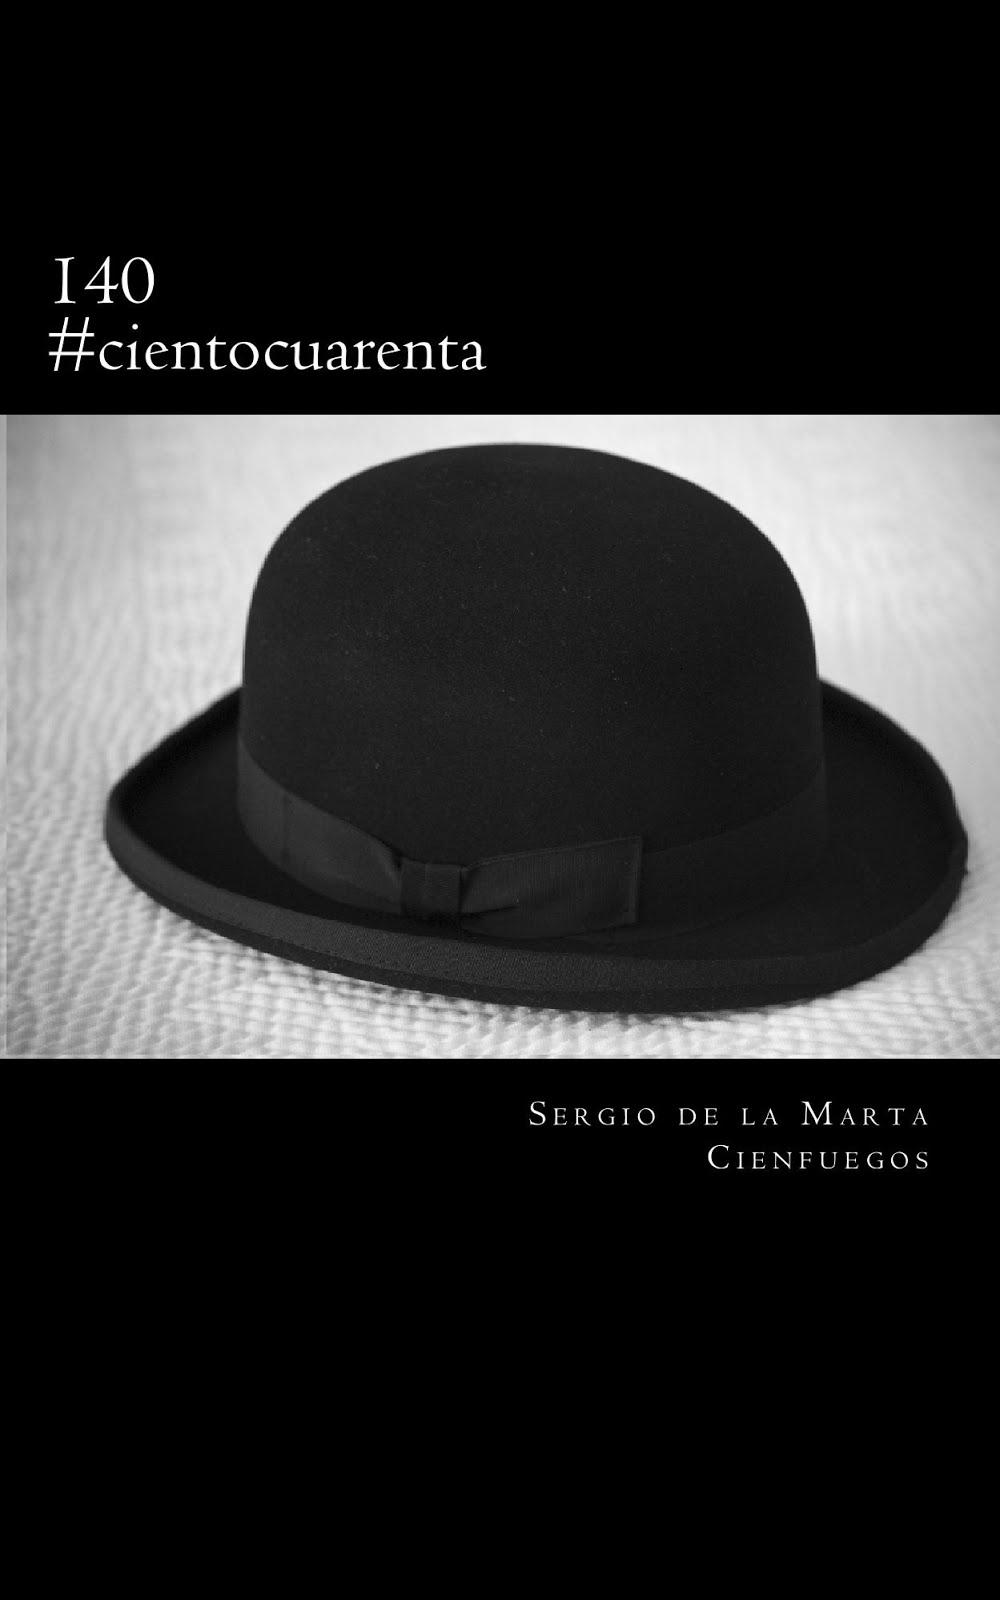 140 ·#cientocuarenta